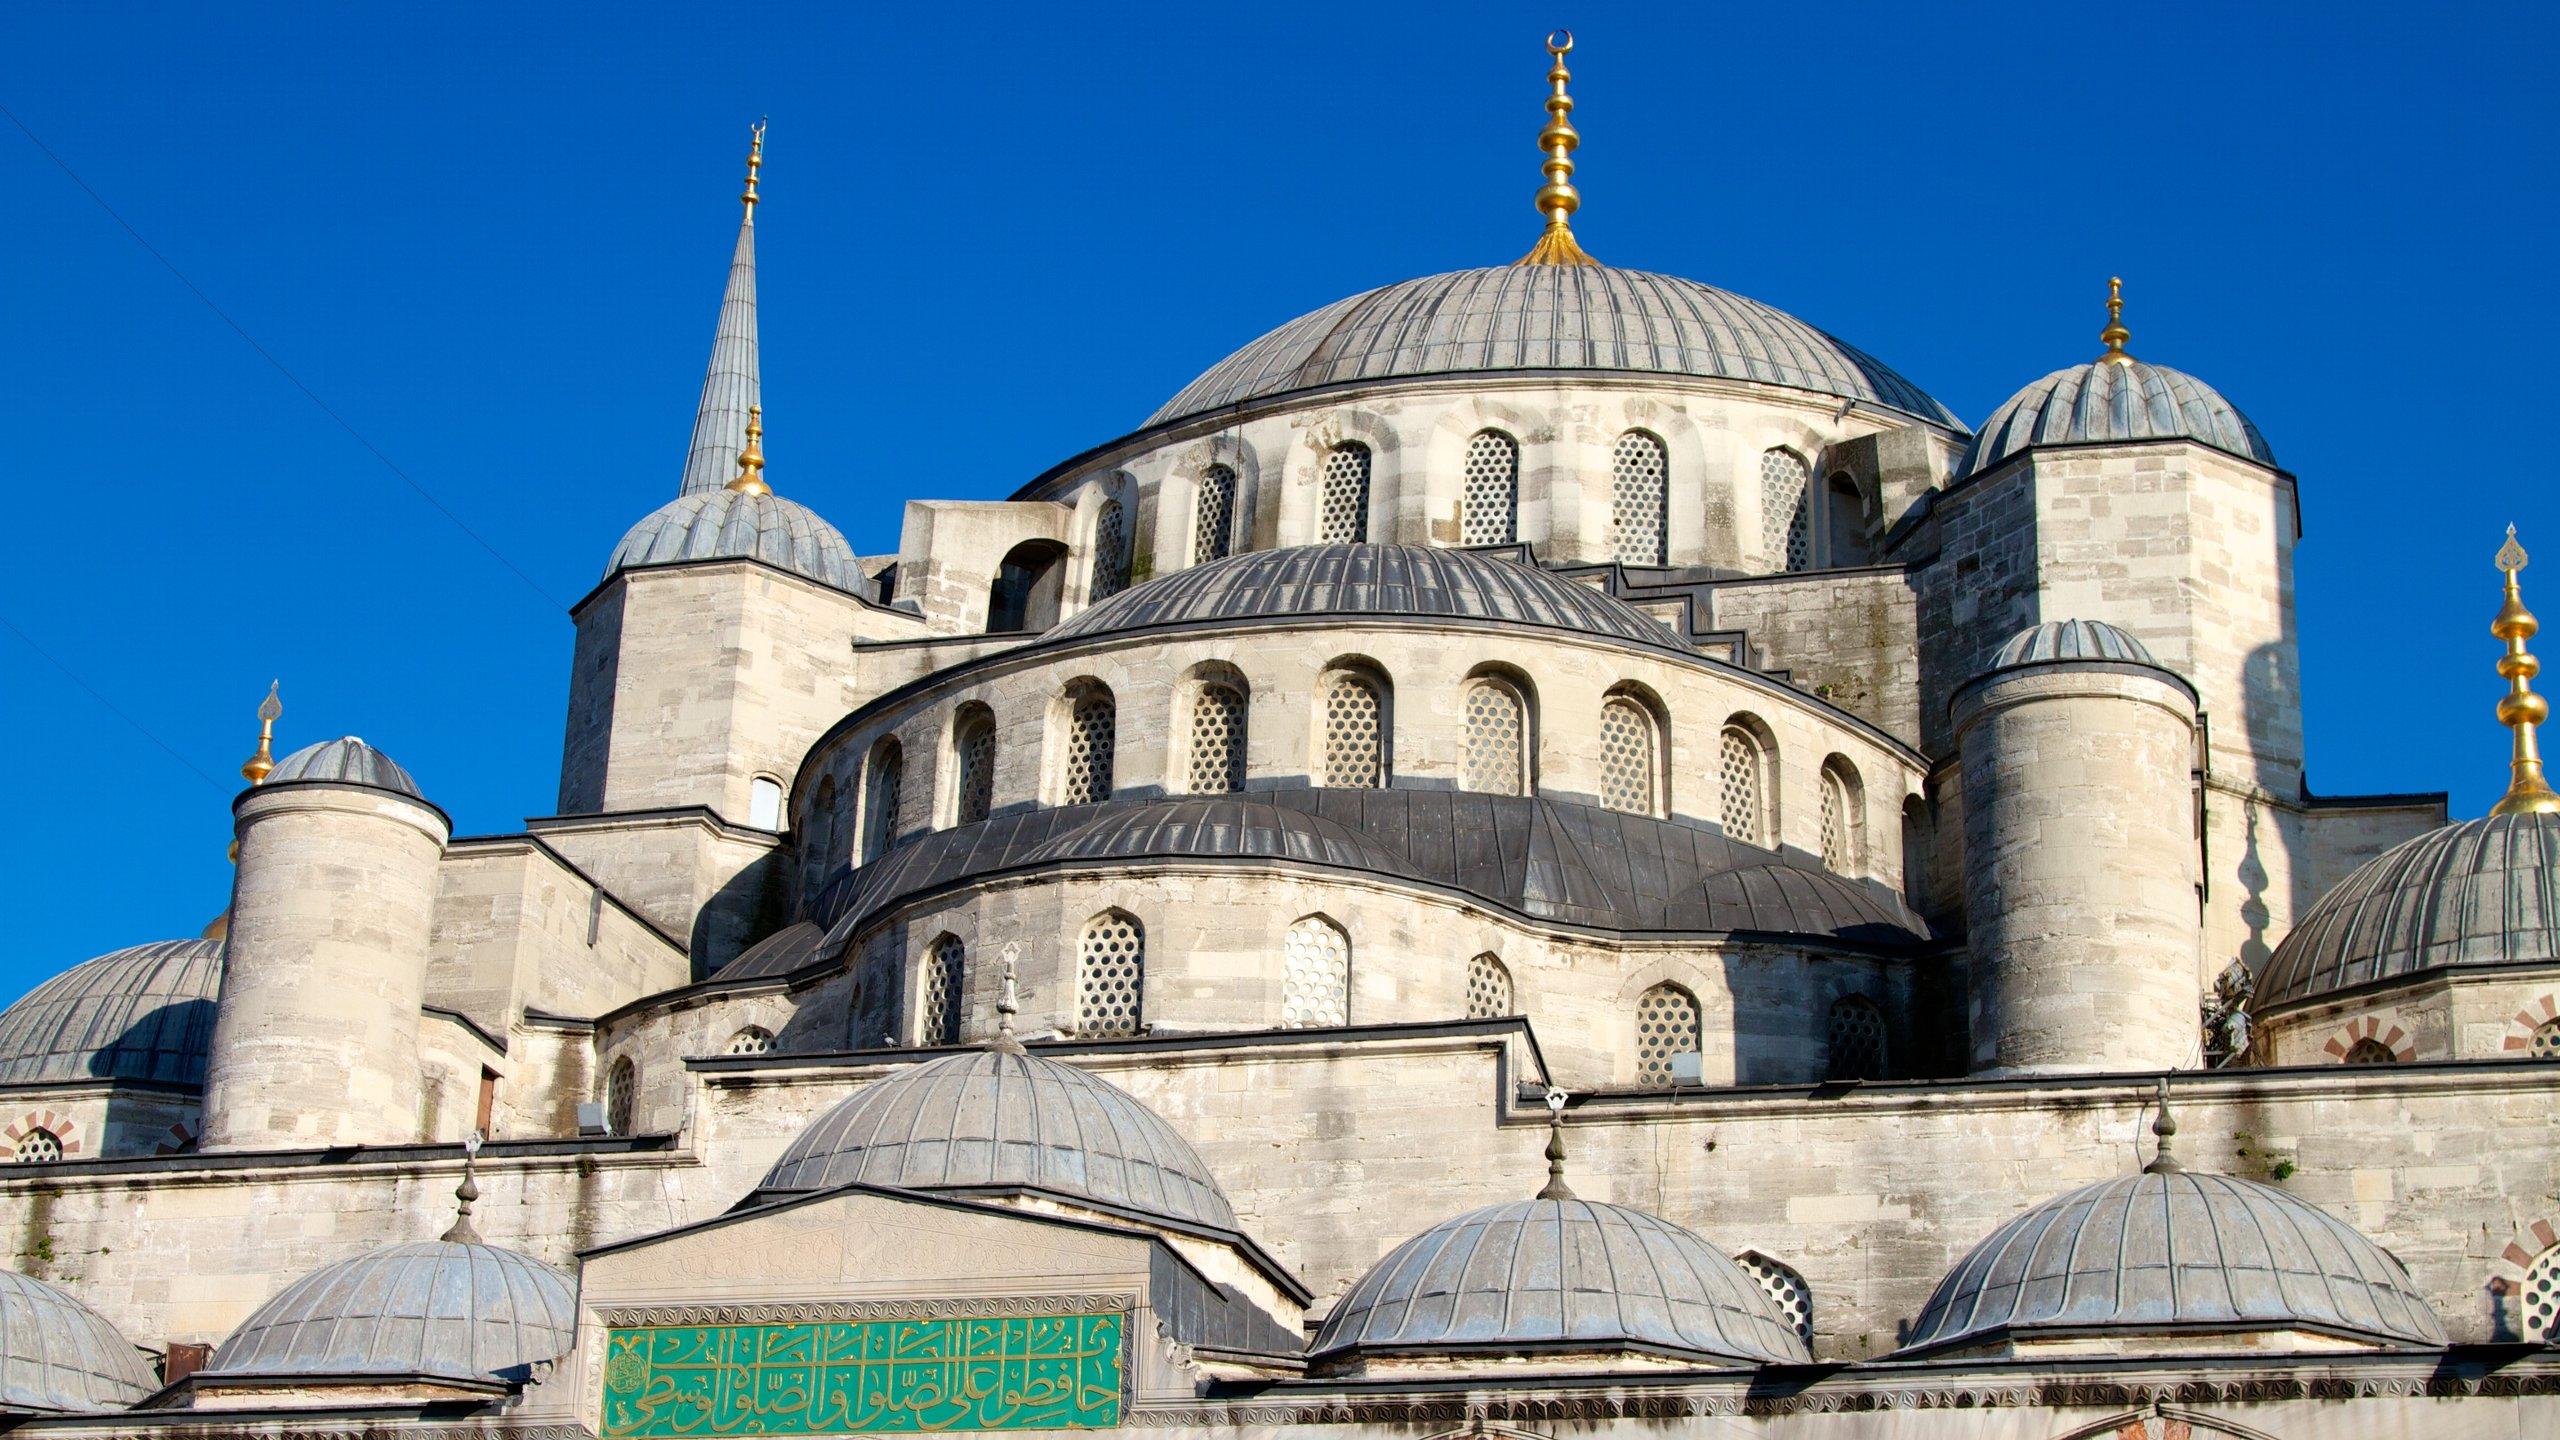 O apelido dado a esta estrutura do século XVII é uma referência à cor viva dos azulejos de seu interior.